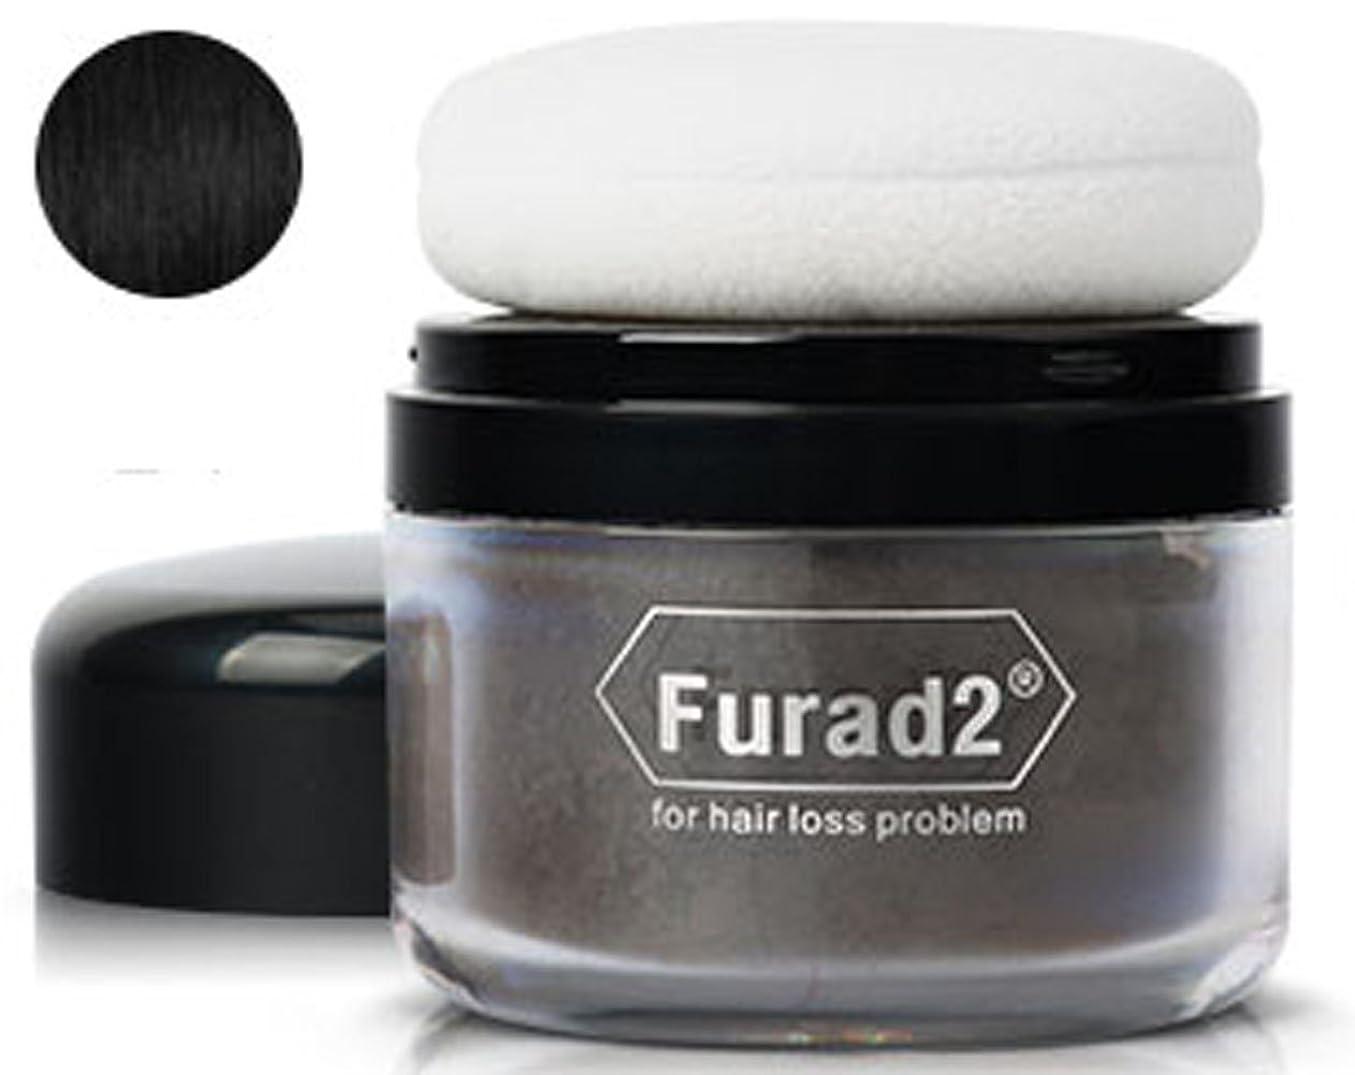 夕食を作る入り口文房具[フレッド2 ] Furad2 イントロル ワイド ヘアパウダーヘアファイバー 頭髪カバー ヘアー ボリュームアップパウダー 67g(海外直送品)  Furad2 Interal Wide Hair Power Hair Building Fibers Thinning Hair Add Volume For Hair Loss Problem 67g (Black) [並行輸入品]